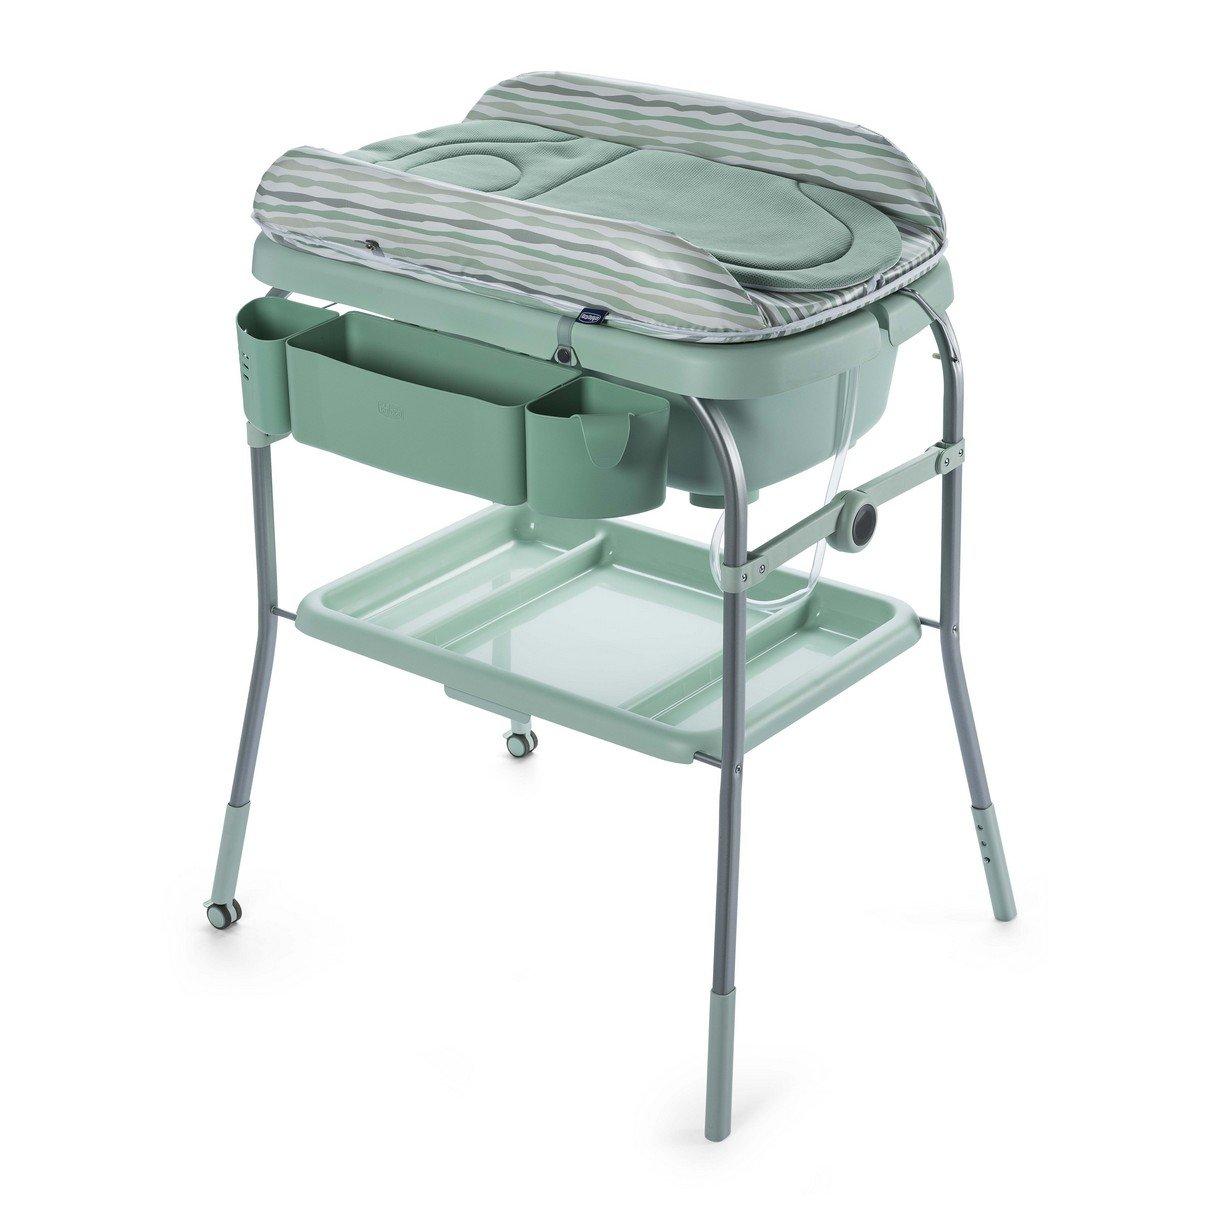 Chicco Cuddle & Bubble - Bañera cambiador compacta 2 en 1, 10 kg, color verde 07079348330000